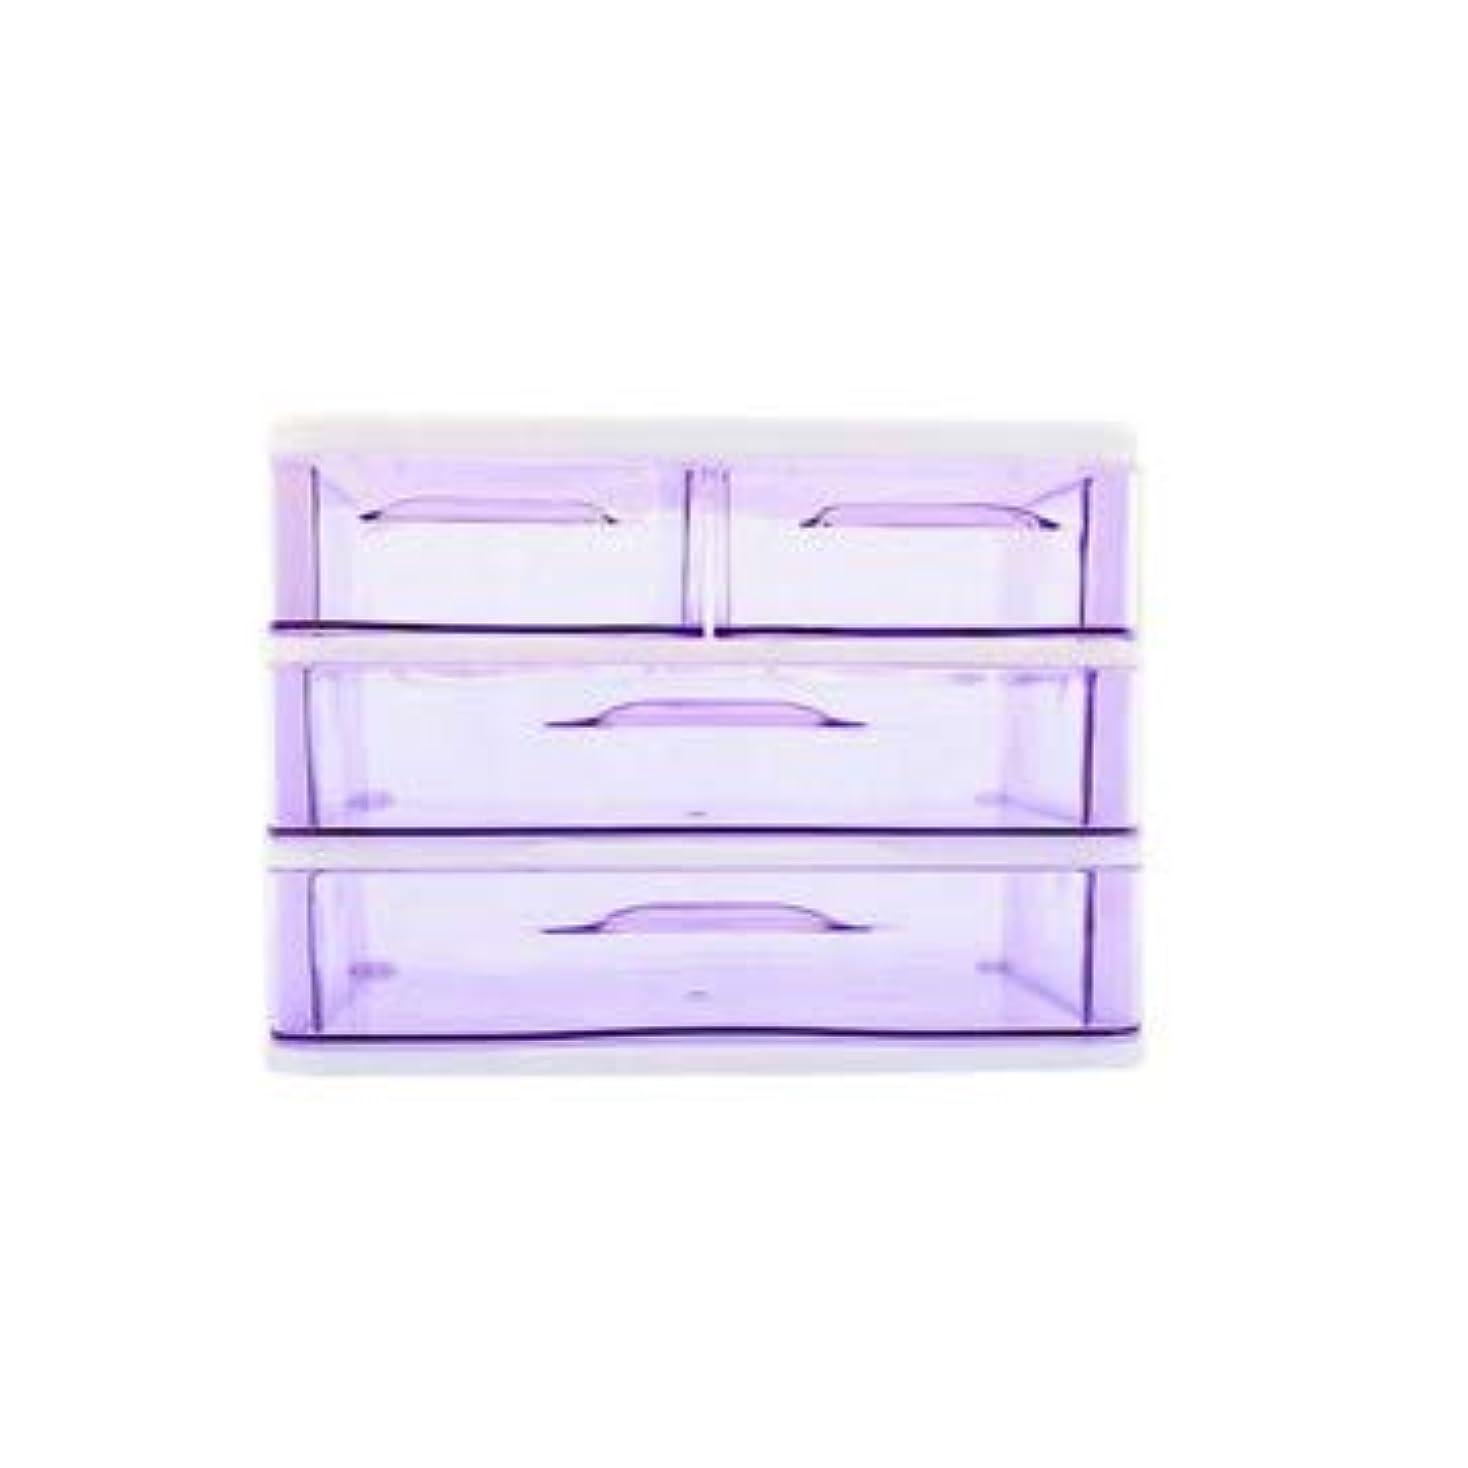 集中迷彩トリクルクリエイティブ収納ボックス三層プラスチック化粧品収納ボックスデスクトップ引き出し型仕上げボックス収納ボックス化粧箱 (Color : Purple)